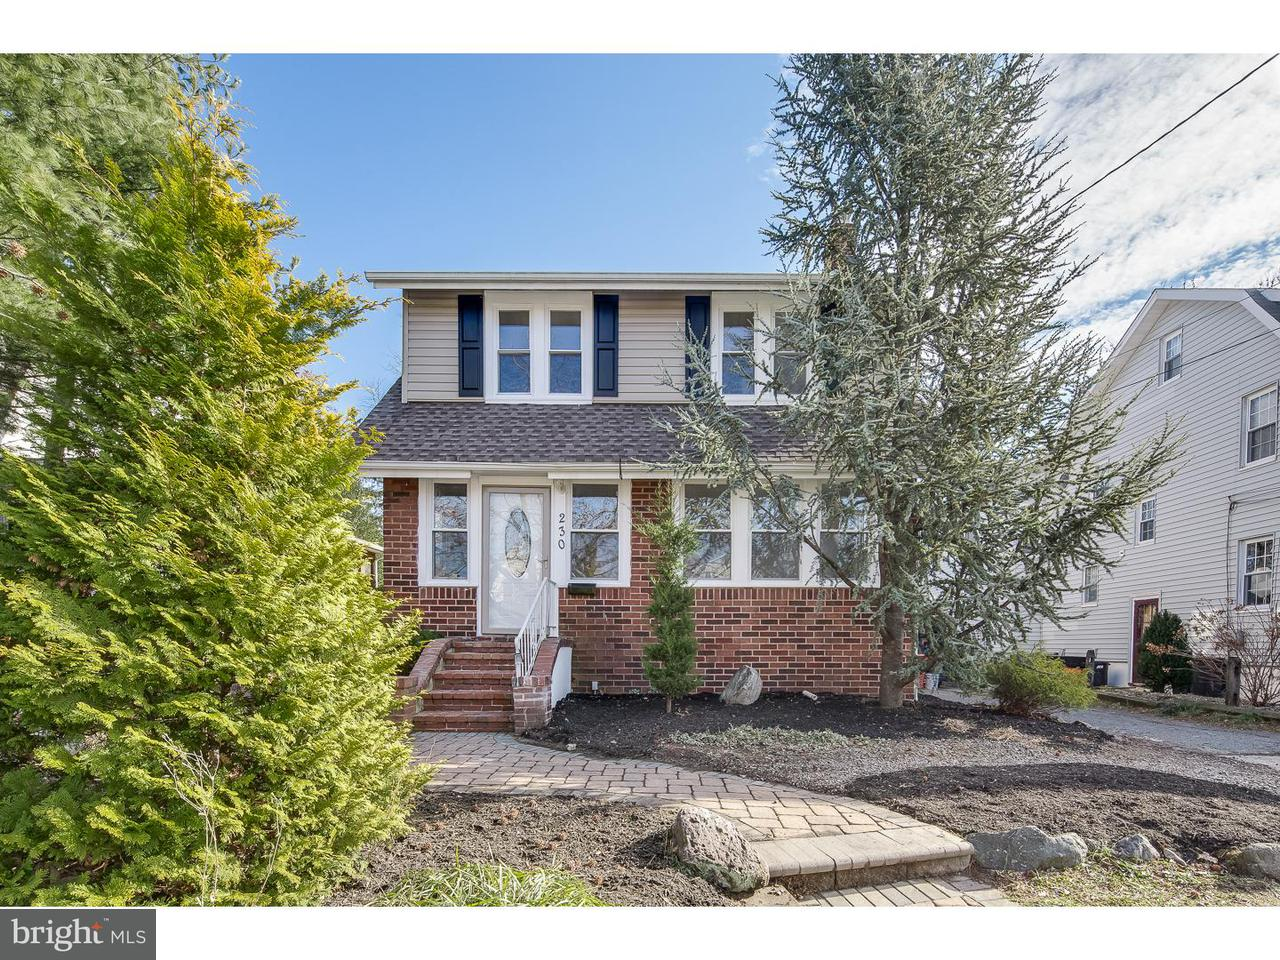 Частный односемейный дом для того Продажа на 230 STRAWBRIDGE Avenue Haddon Township, Нью-Джерси 08108 Соединенные Штаты